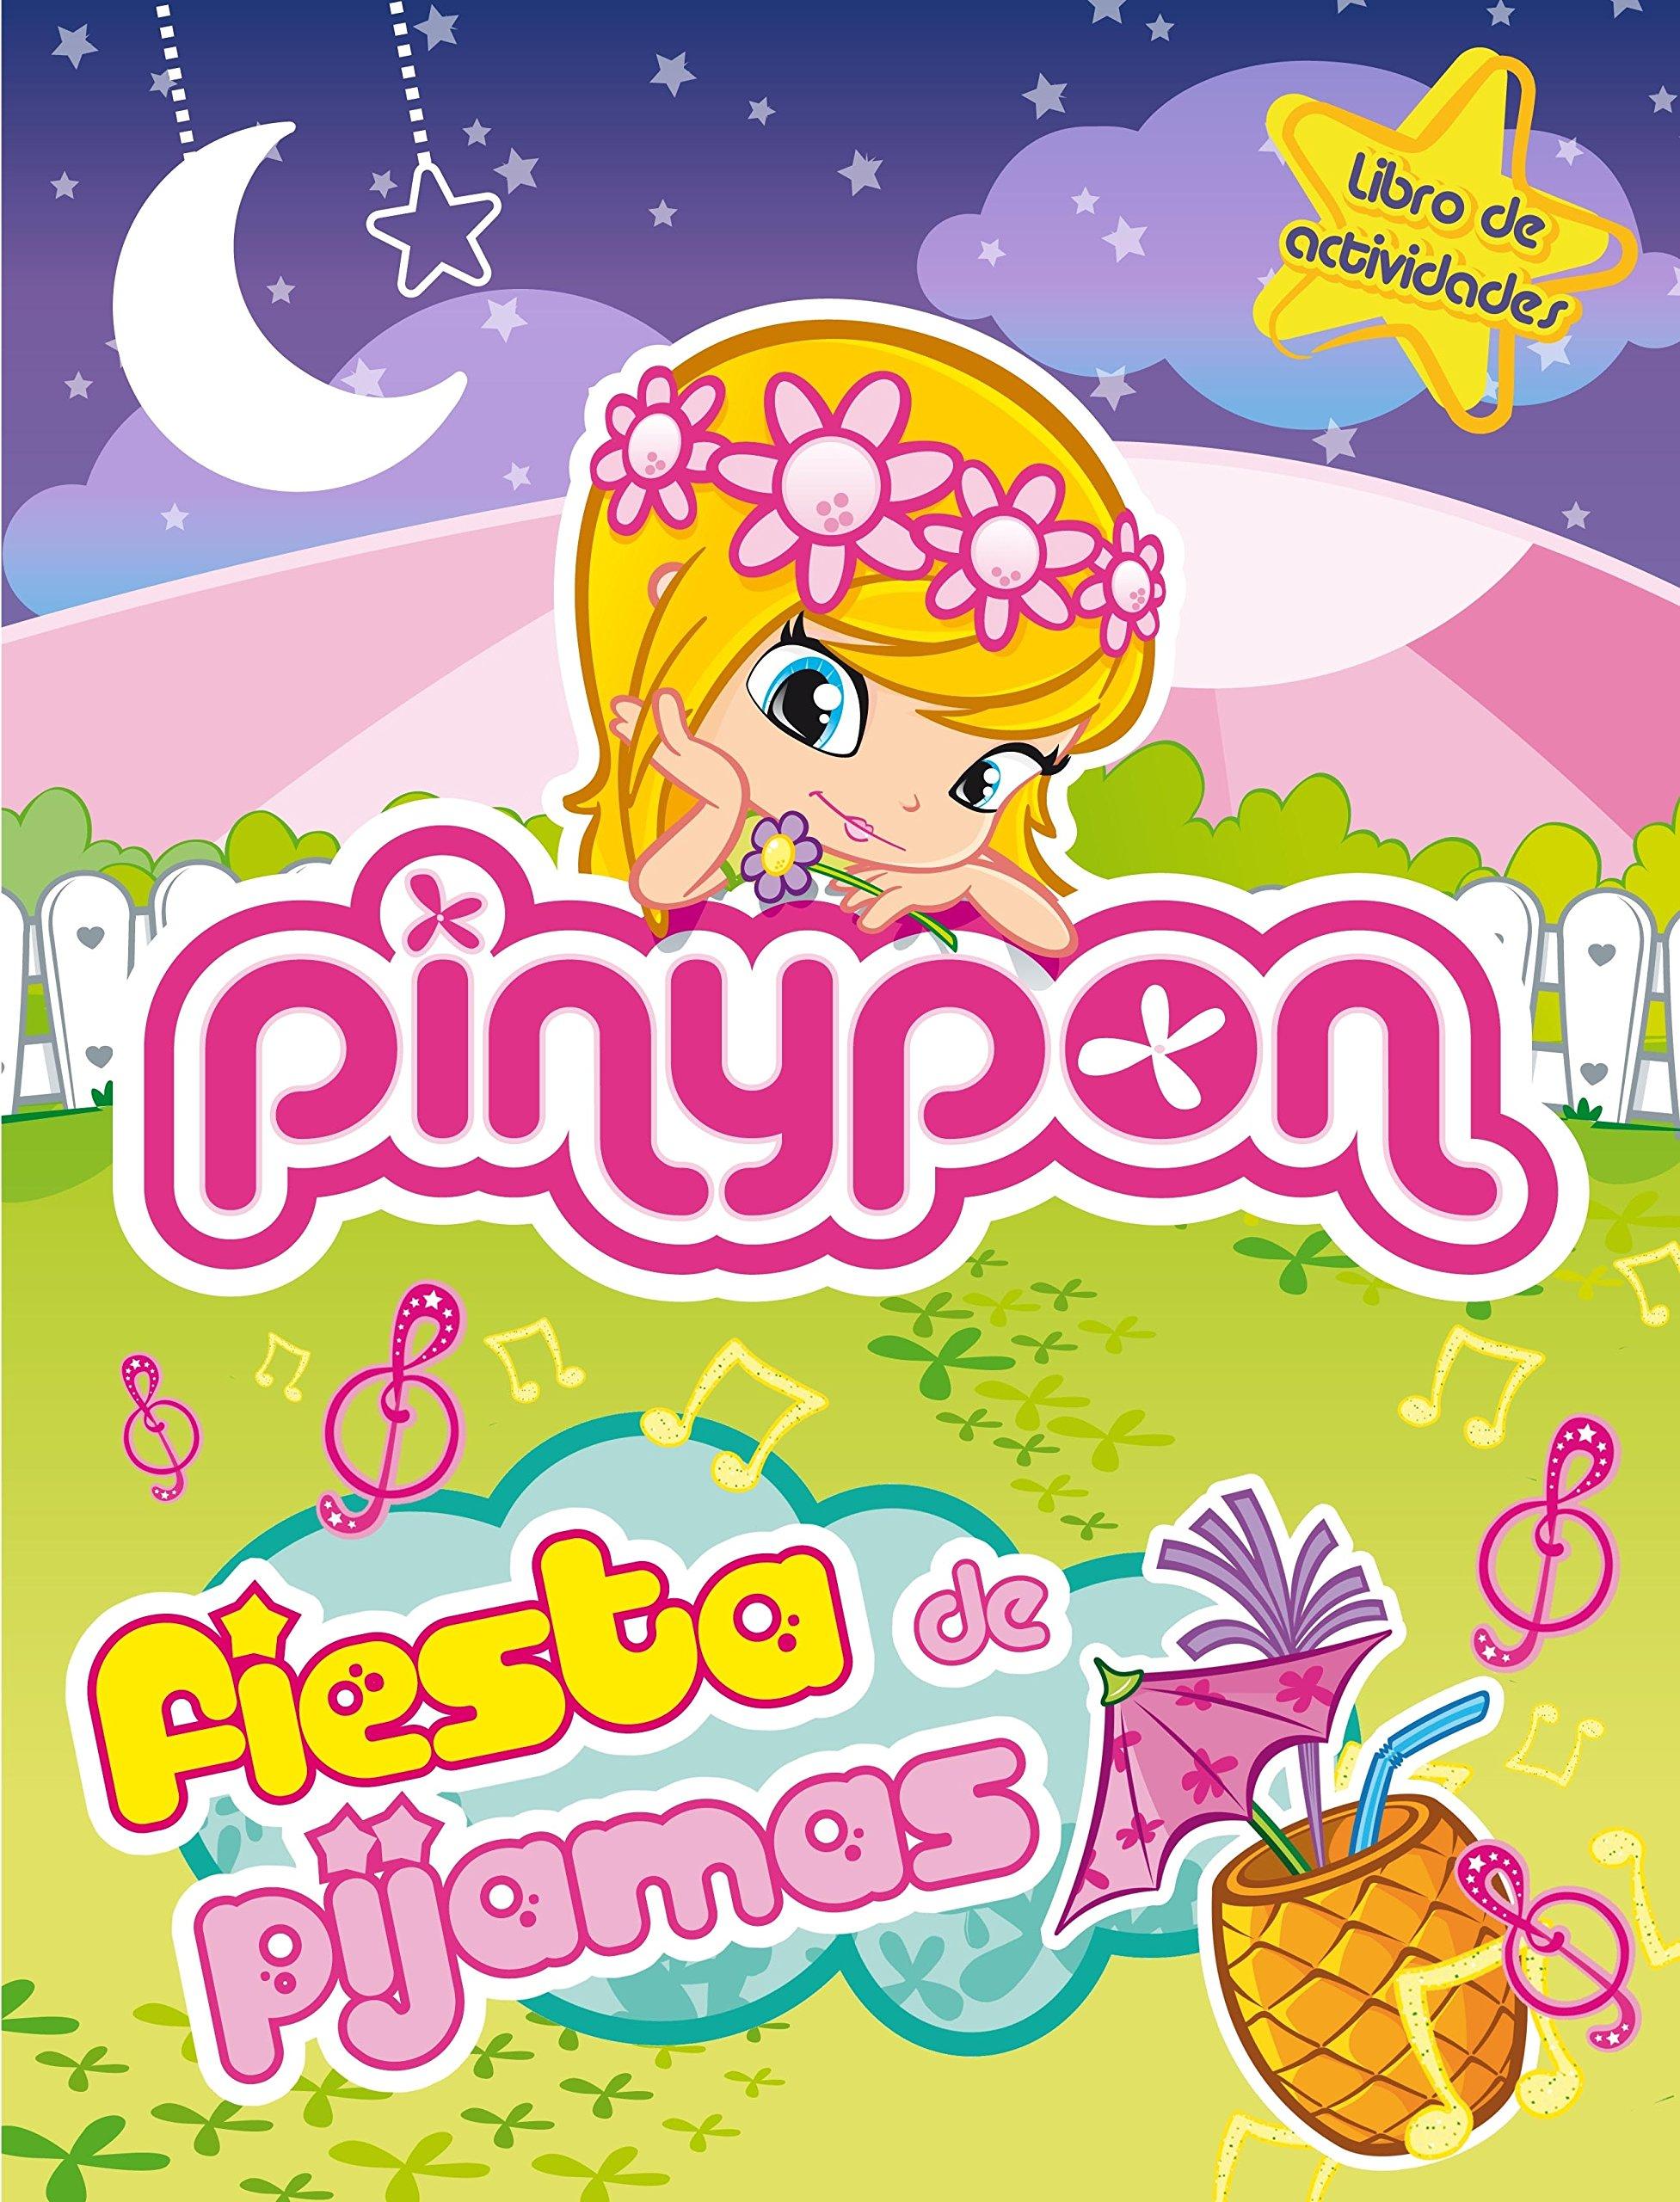 Fiesta de pijamas (Pinypon n4): Amazon.es: Varios autores, FENIX CAMALEON S.L.;: Libros